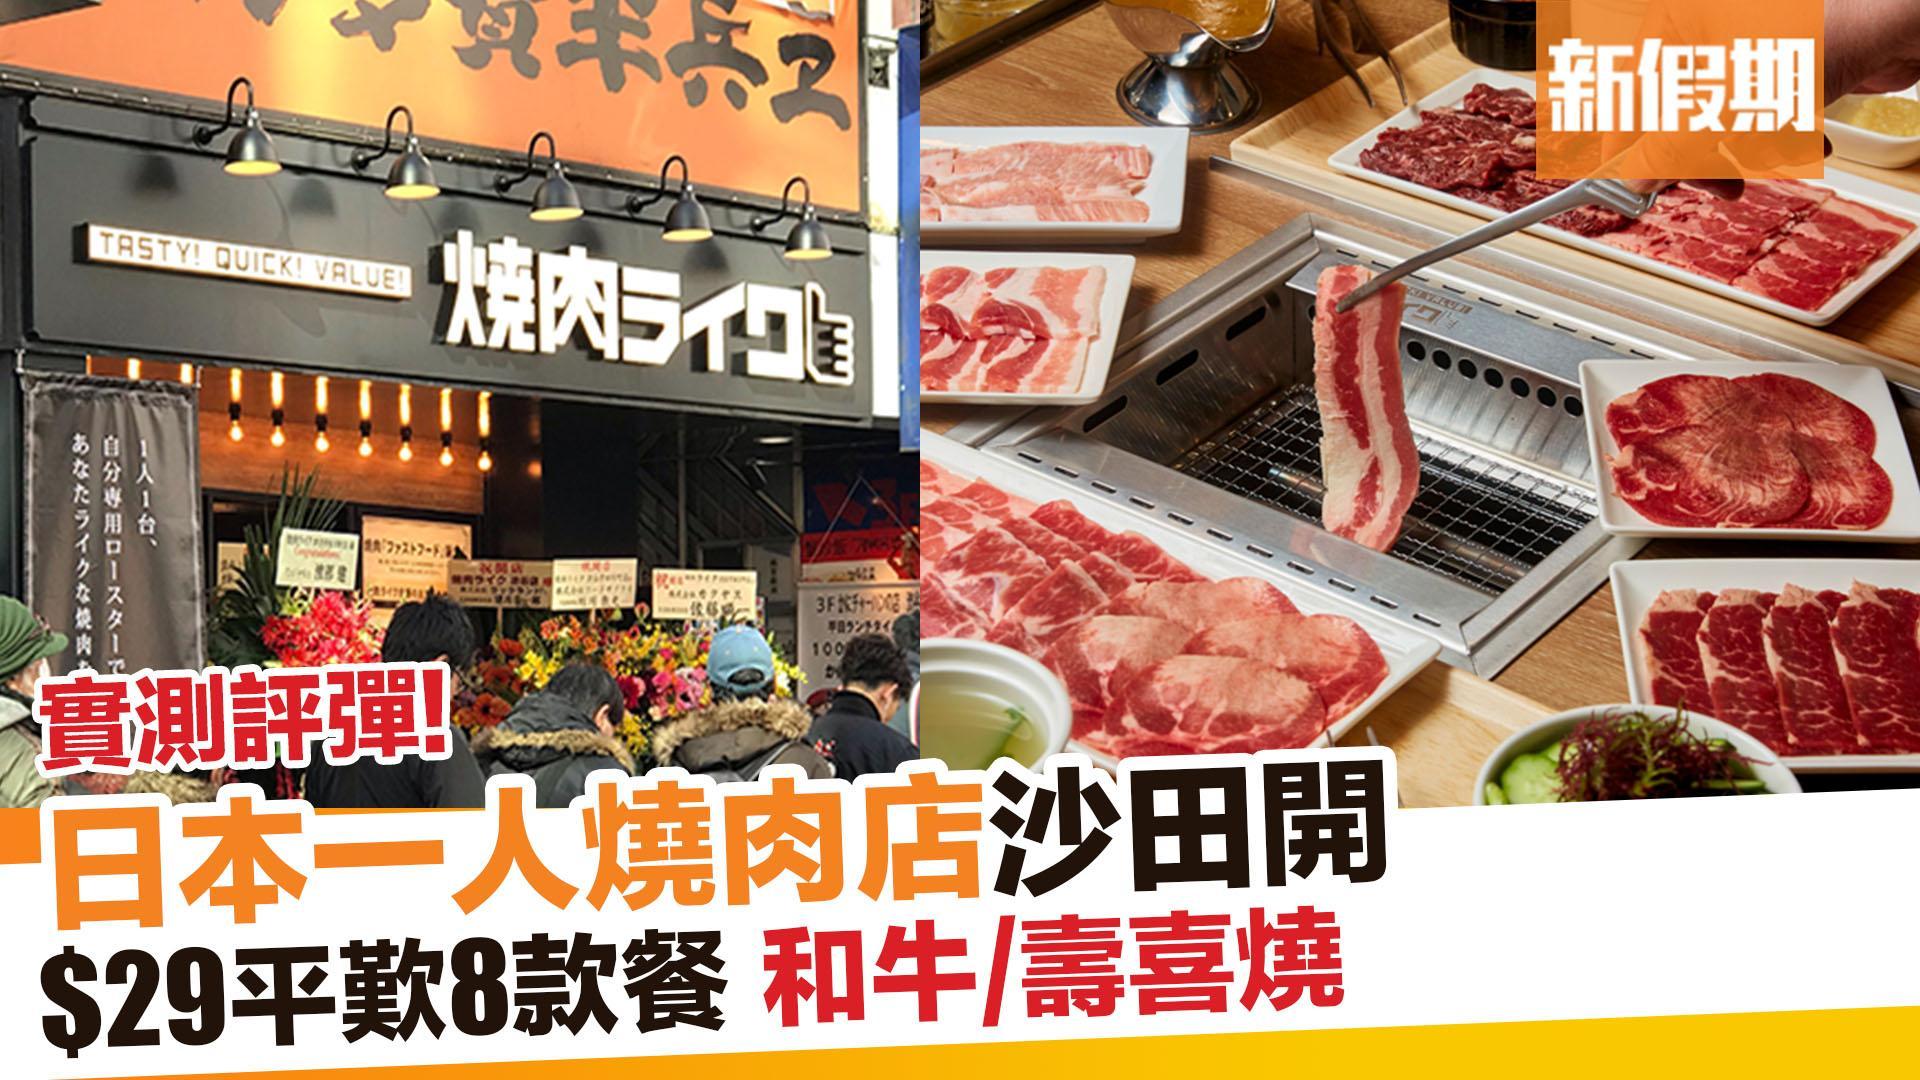 【區區搵食】燒肉Like登陸沙田!即睇記者試食報告 新假期